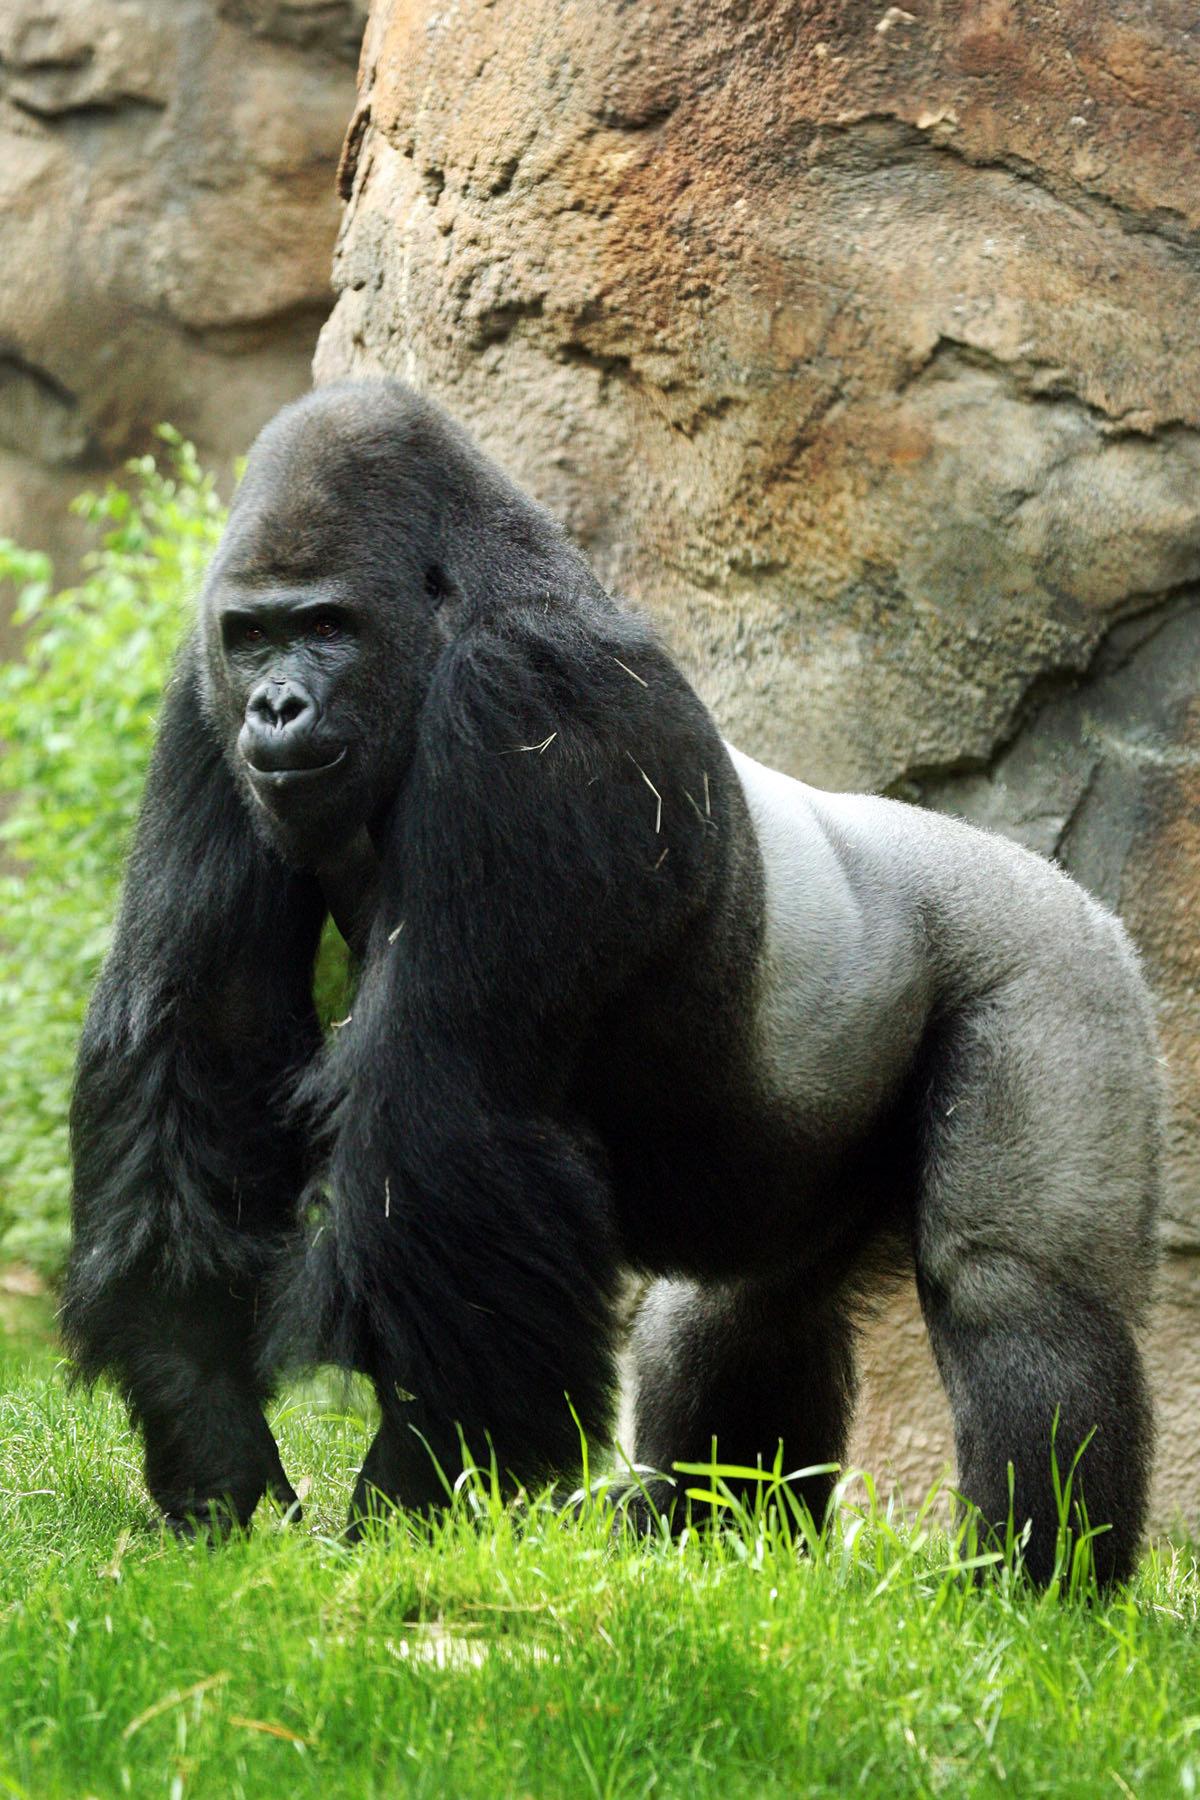 стиль картинки про горилл счастье